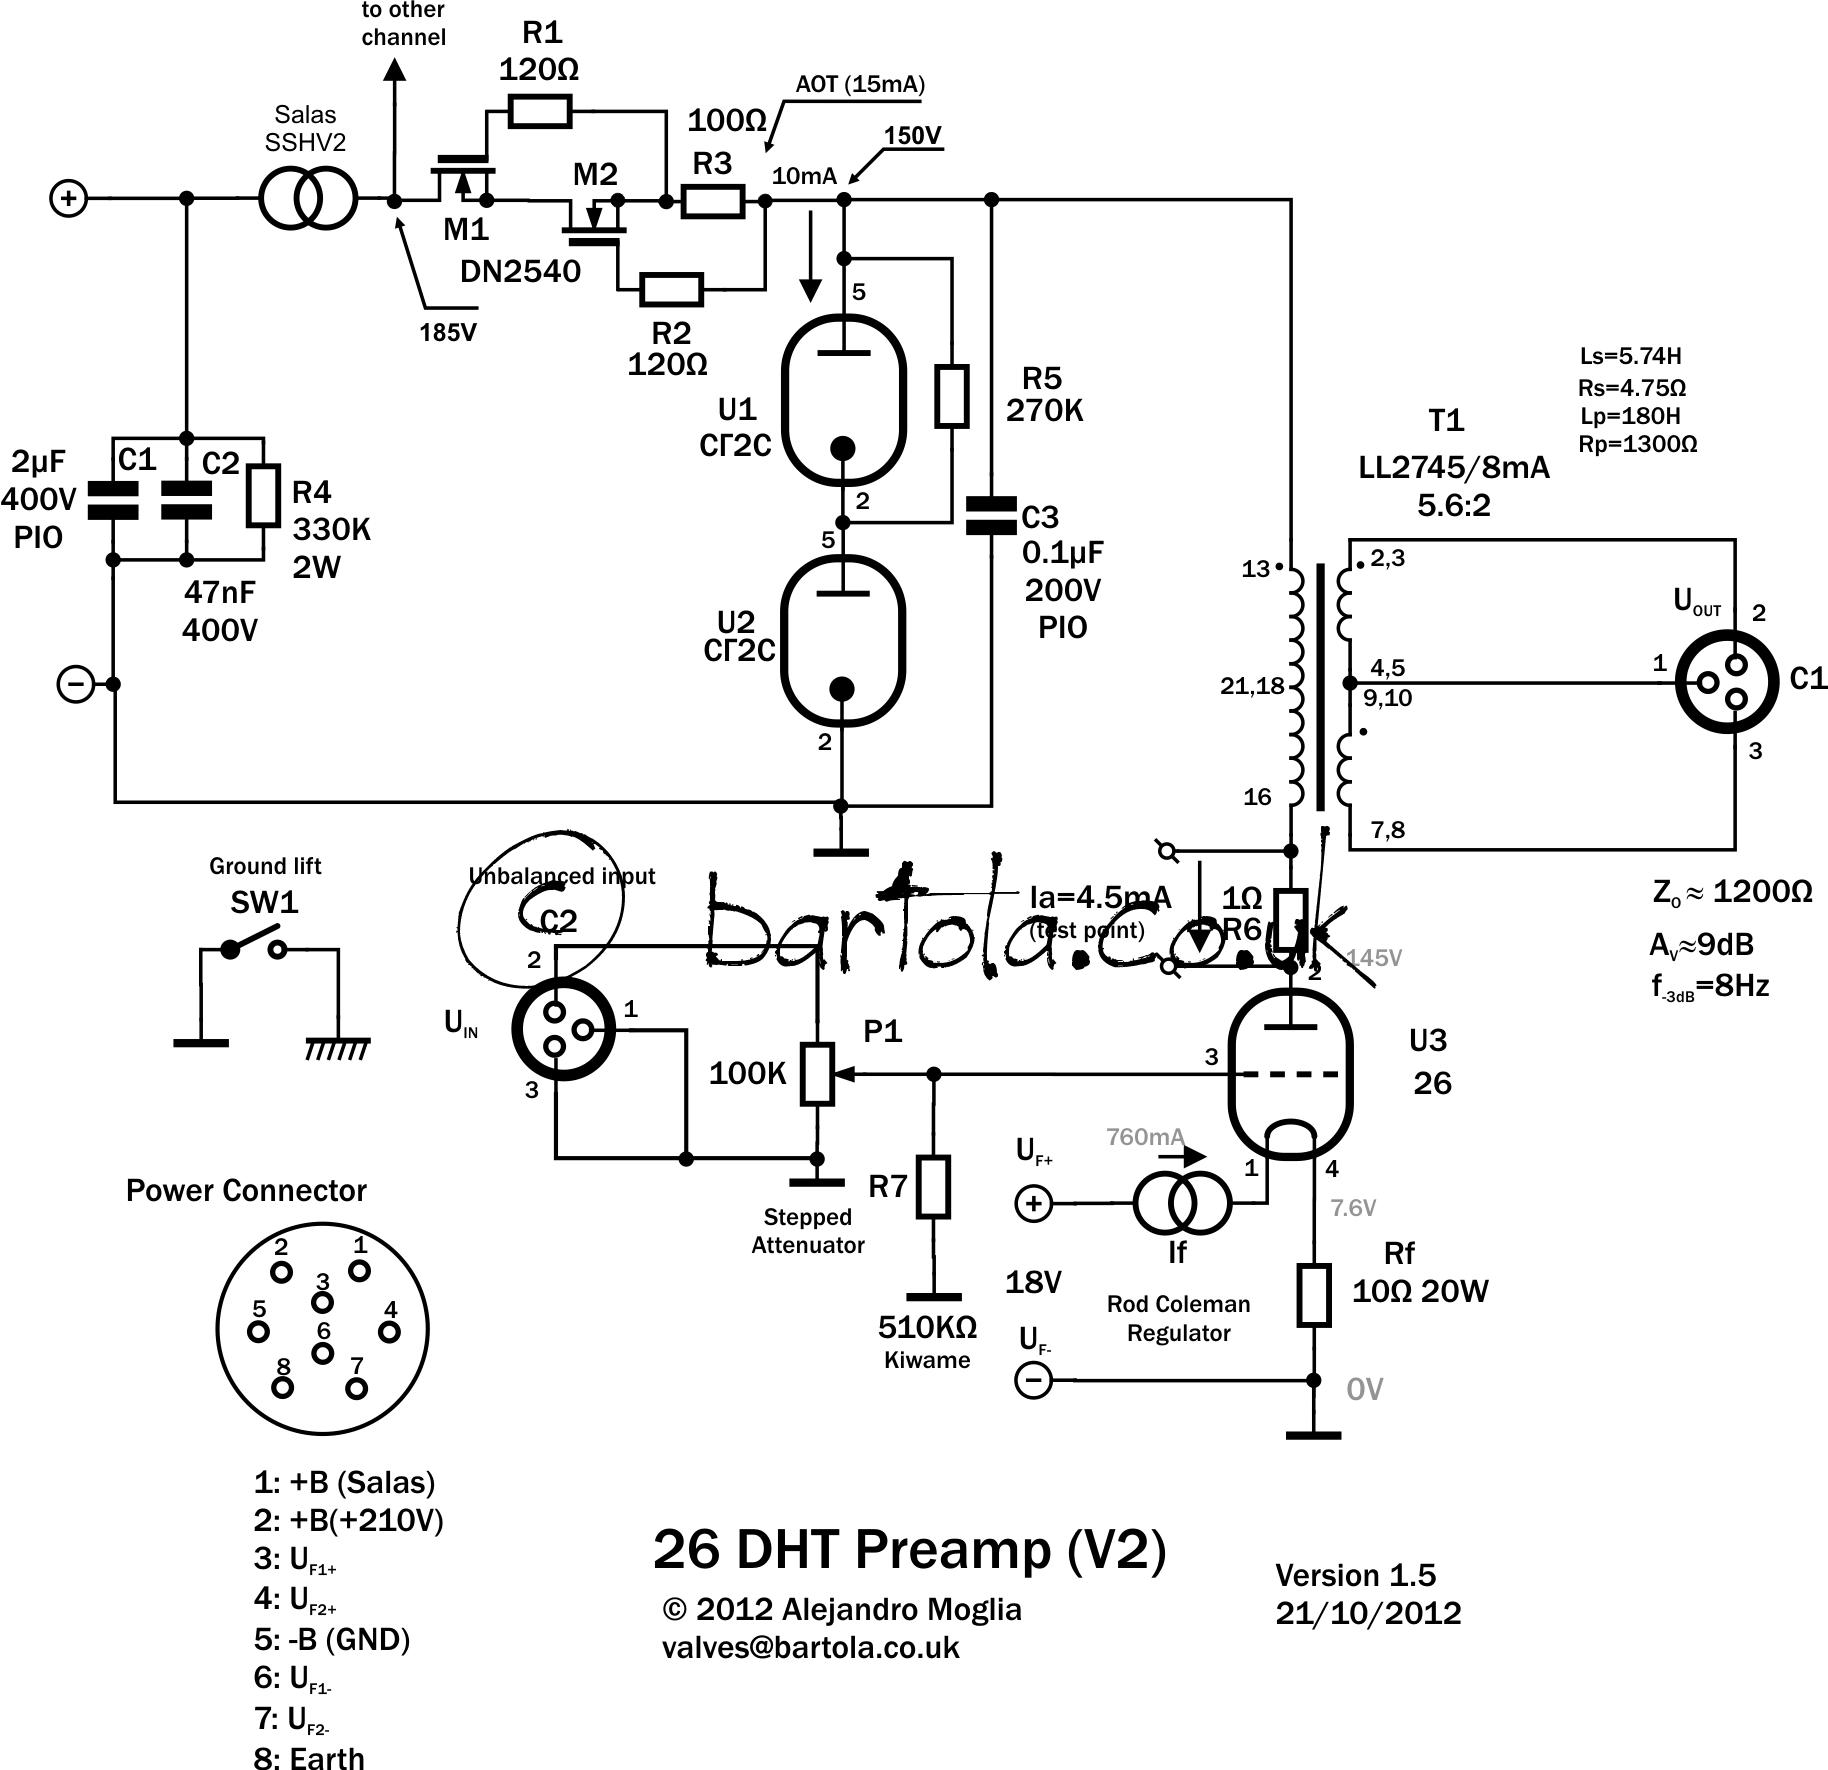 26 Dht Pre Amplifier Gen2